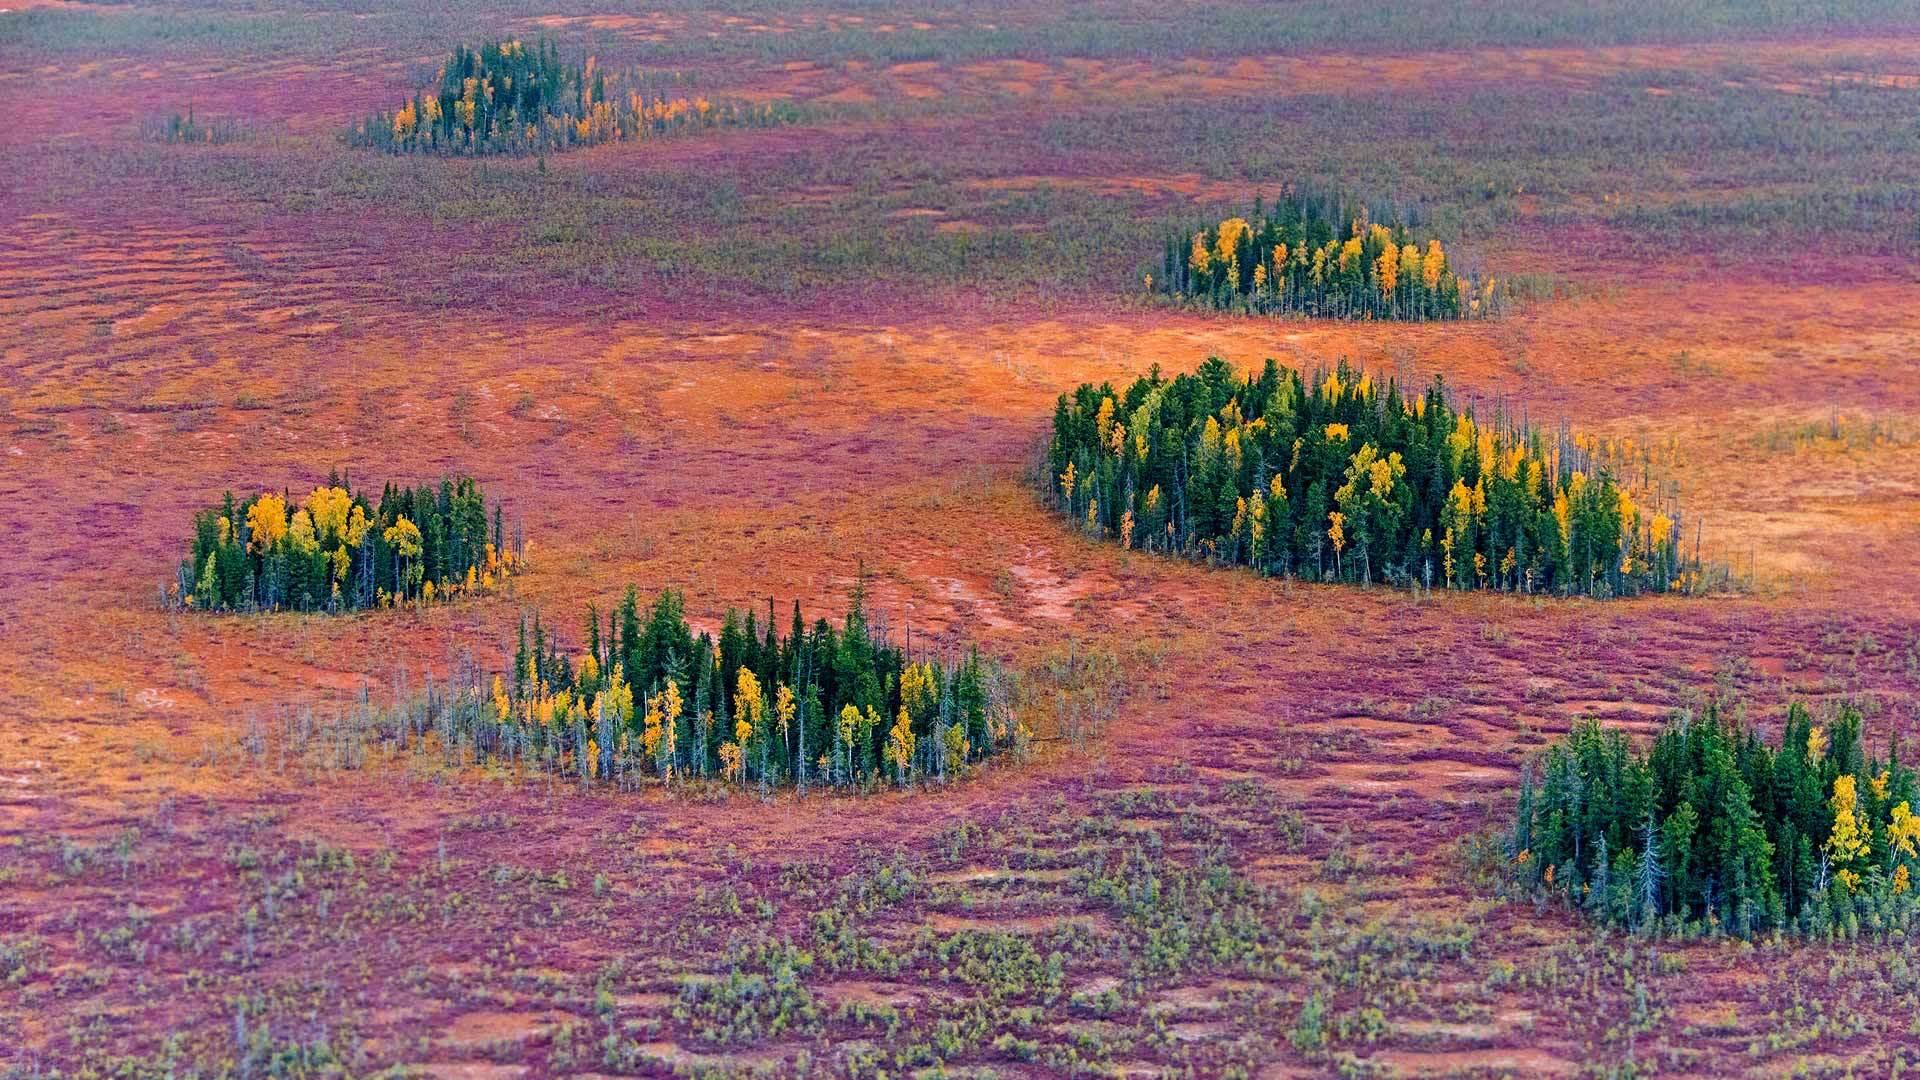 针叶树林的秋